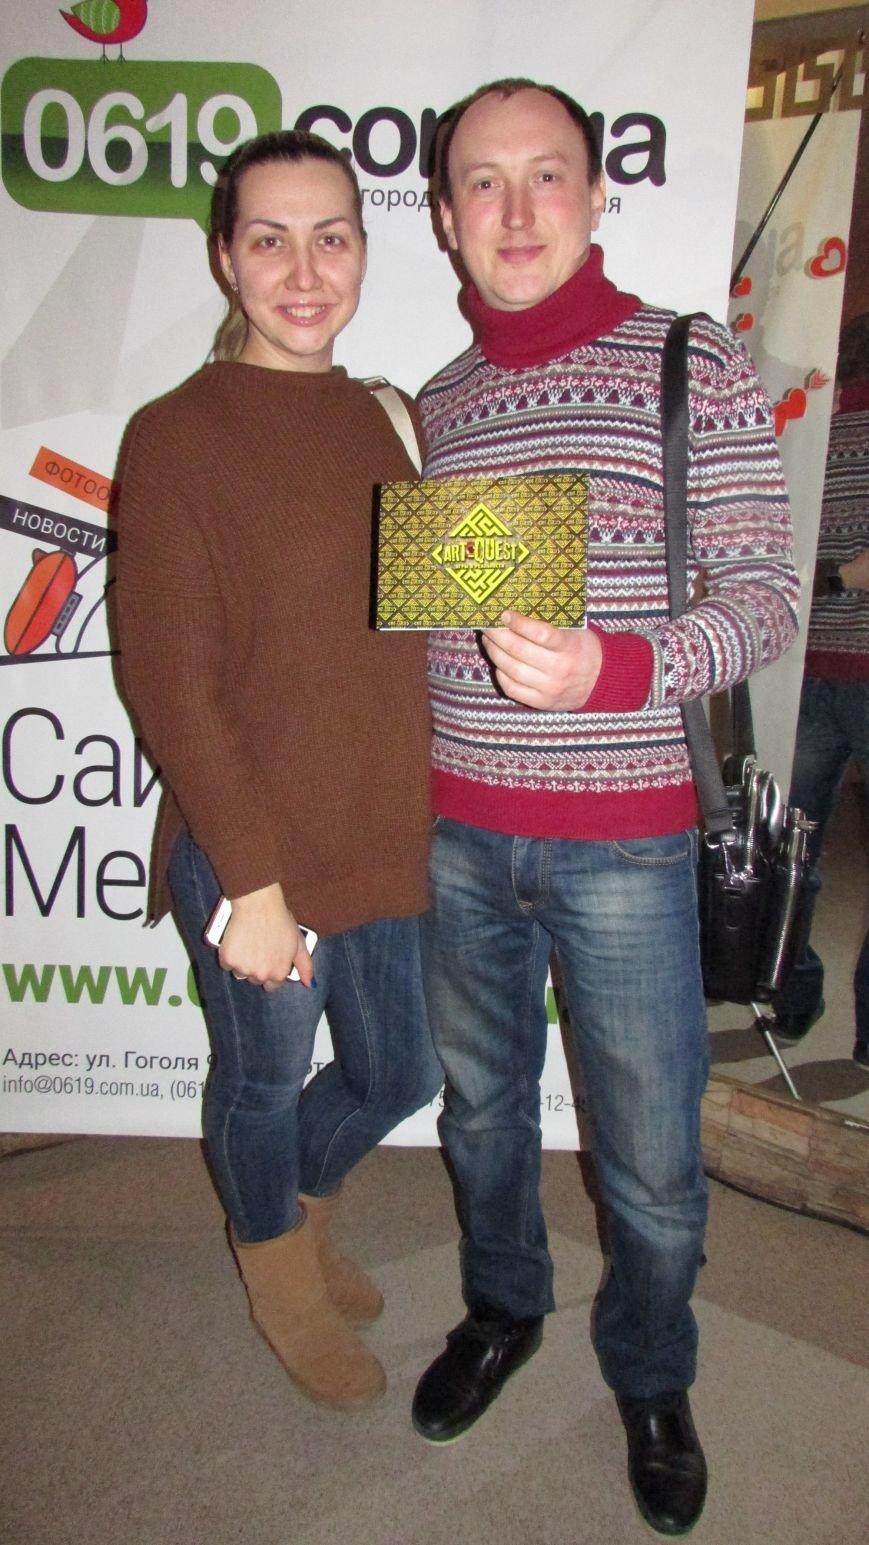 Итоги конкурса! В День Влюбленных семь пар получили подарки от нашего сайта, фото-6